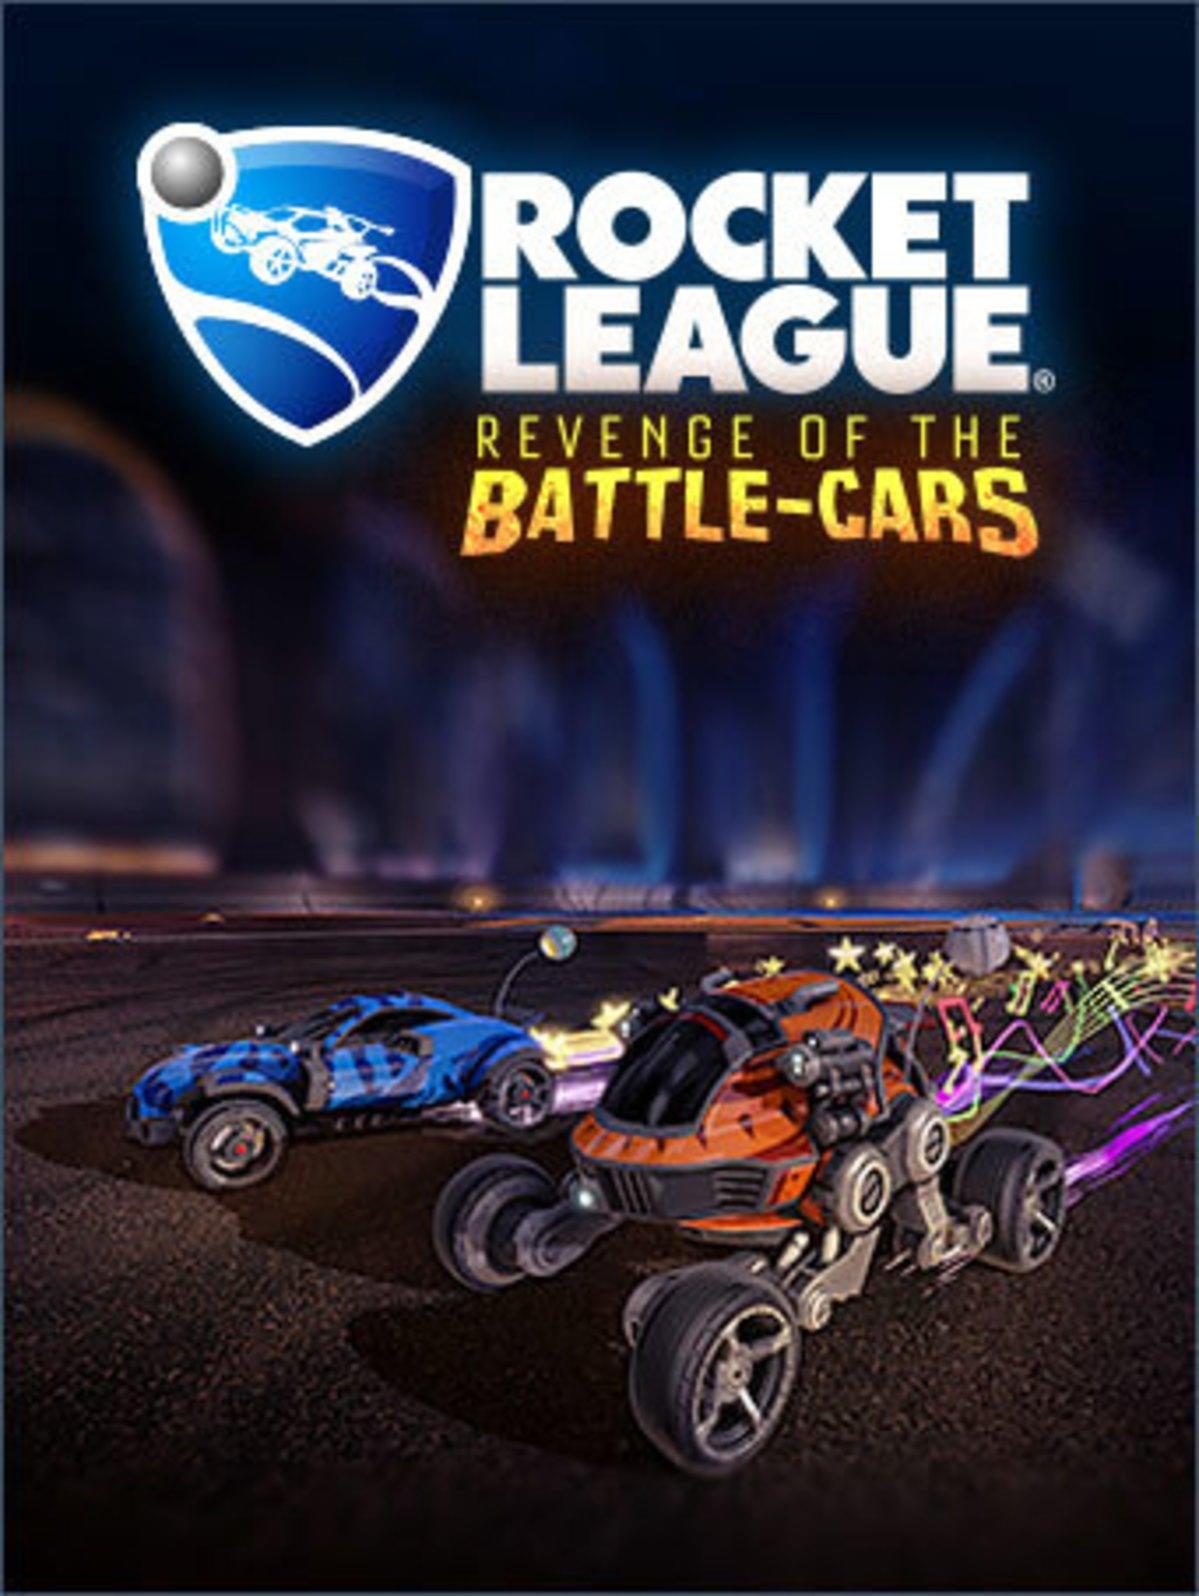 Rocket League New Car >> Revenge of the Battle Cars   Rocket League® - Official Site